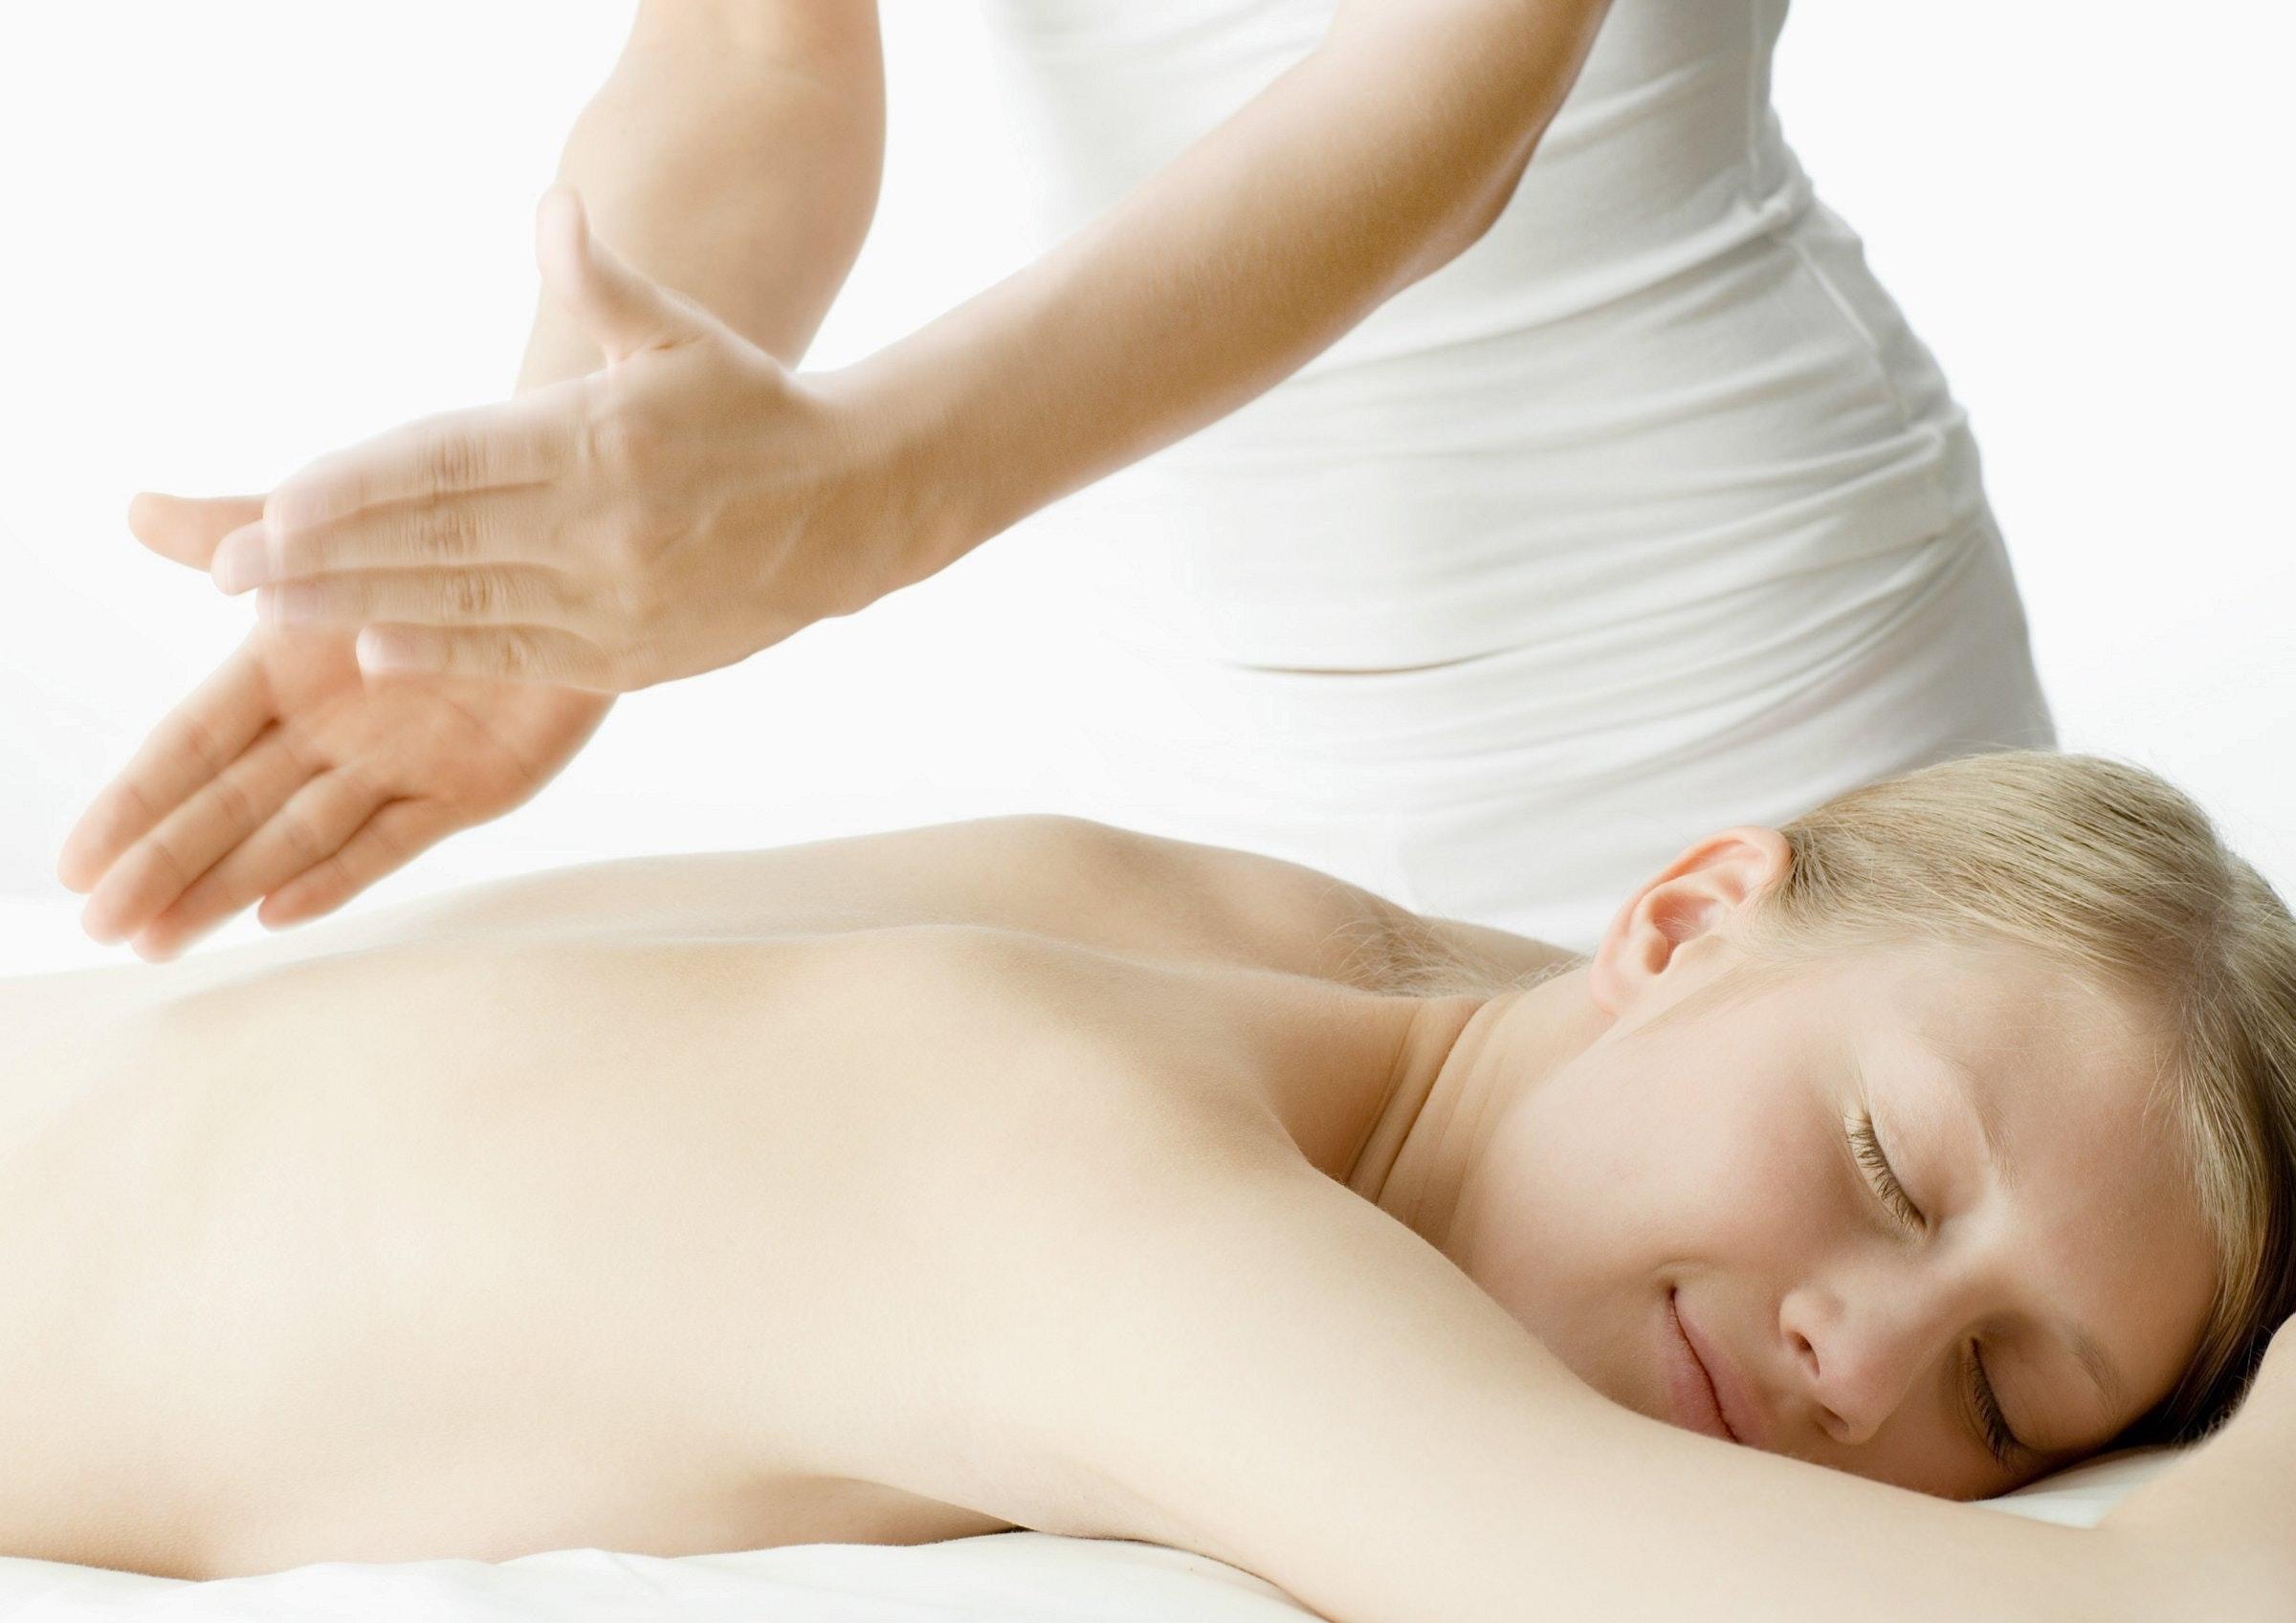 ondt efter massage